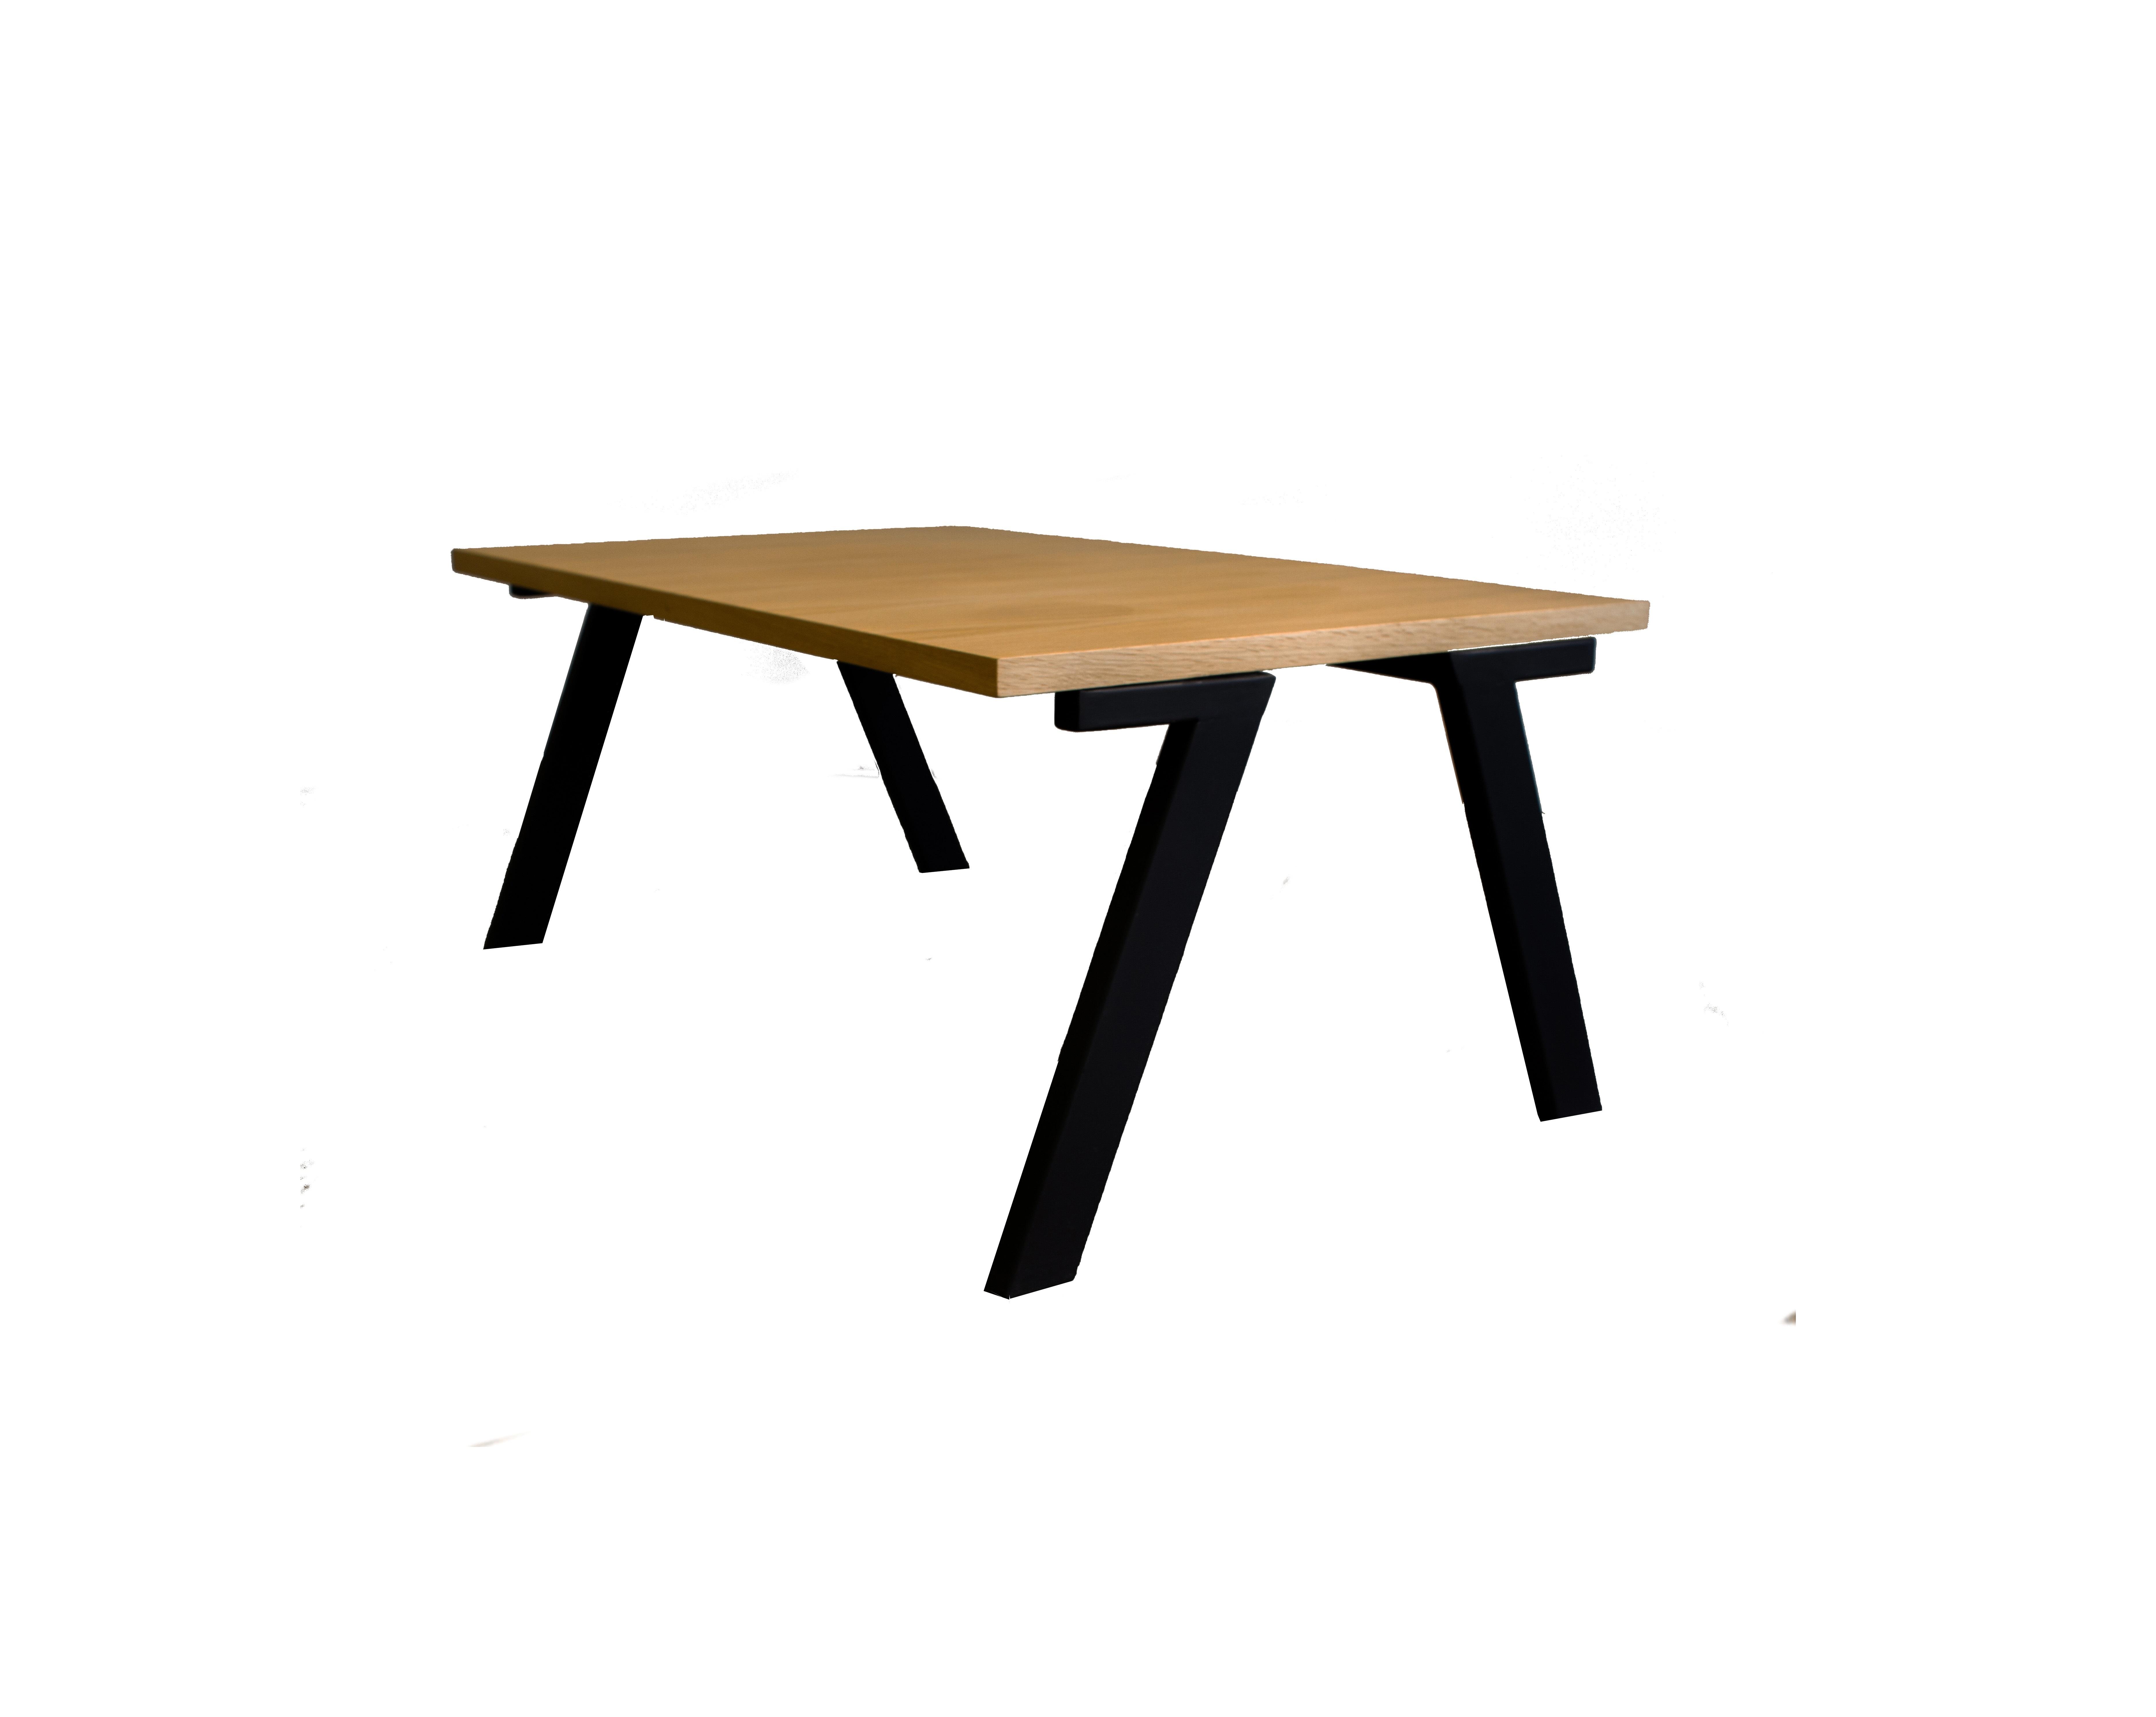 Τραπέζι Σαλονιού Μοντέρνο Ξύλο Σίδερο